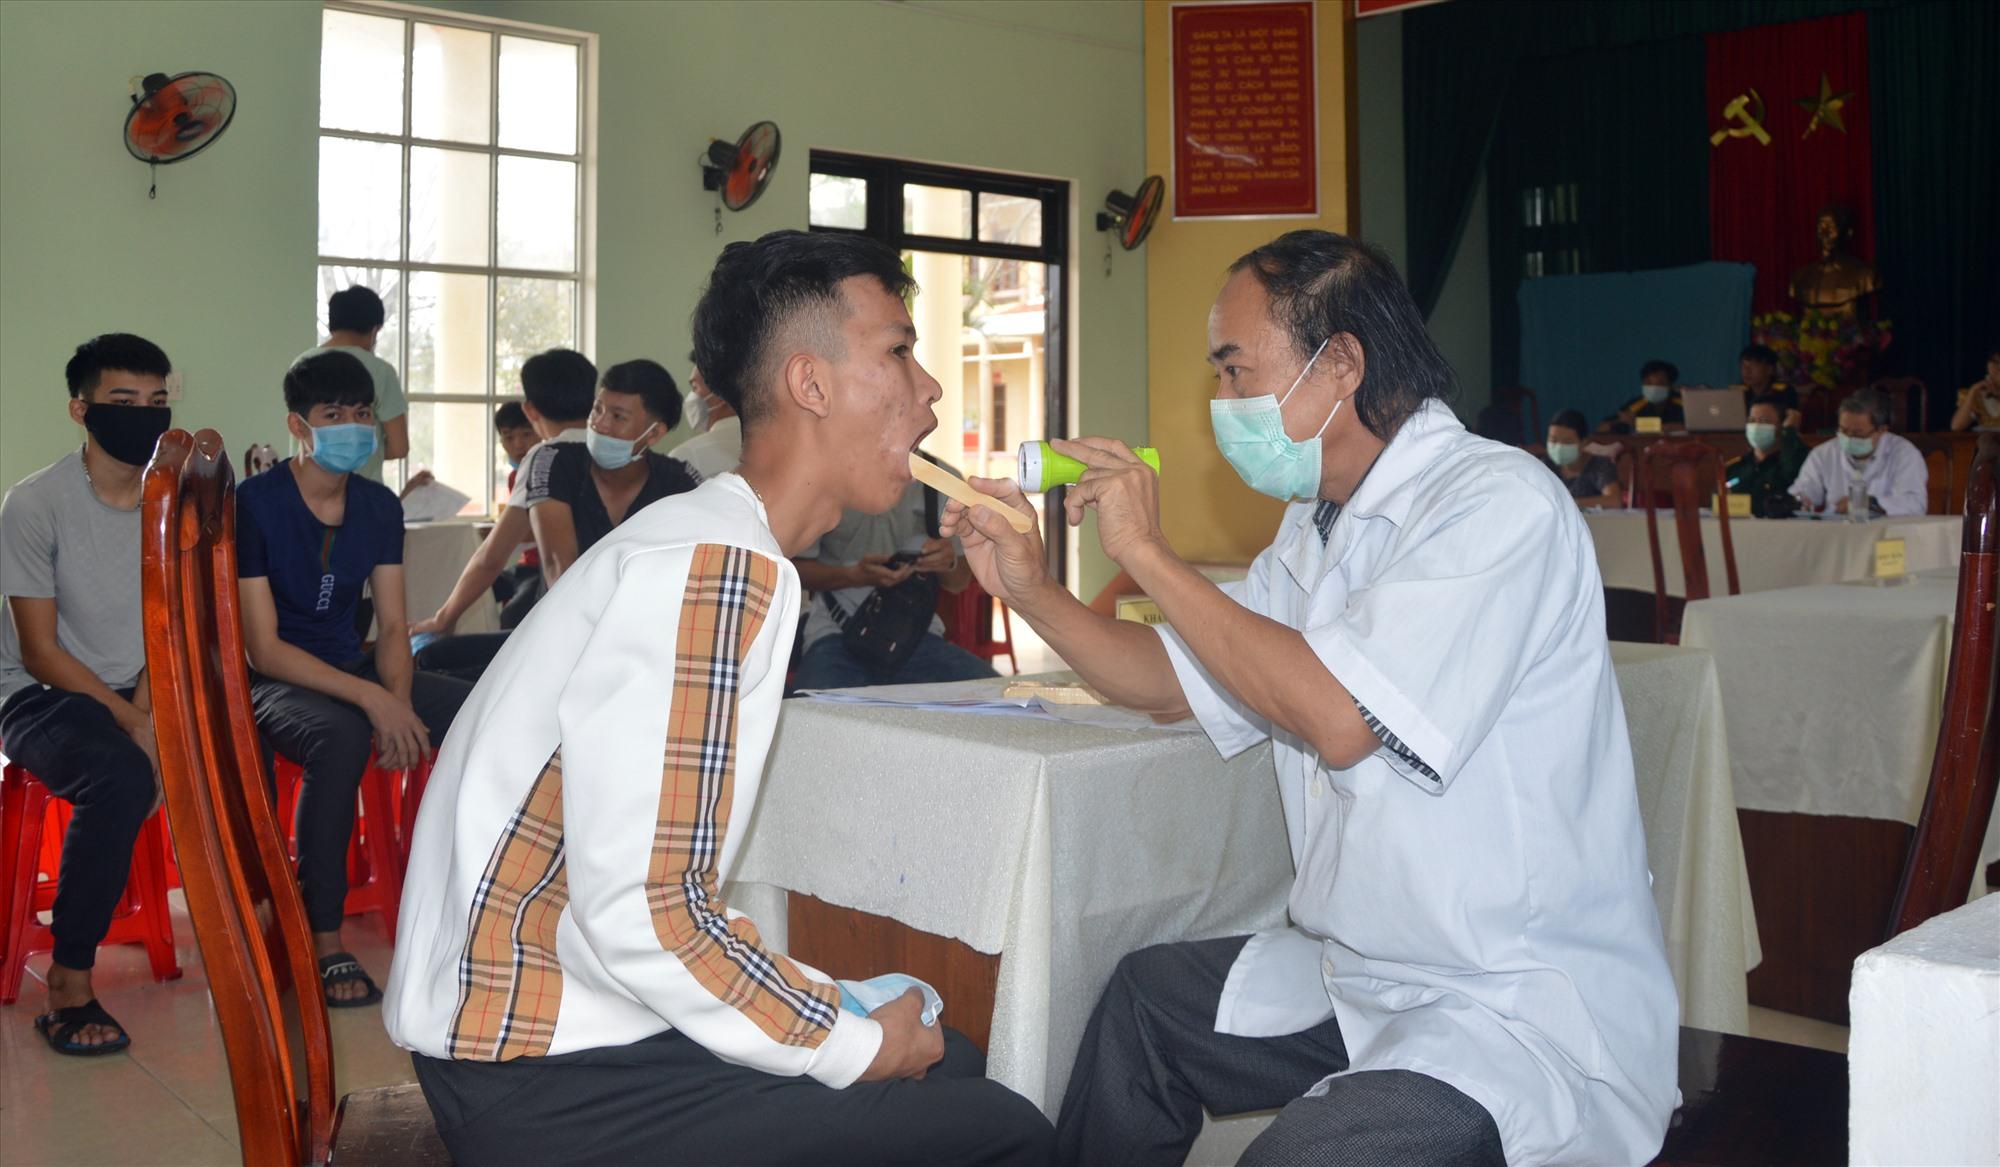 Phú Ninh triển khai công tác khám sức khỏe cho thanh niên trong độ tuổi nhập ngũ. Ảnh:DƯƠNG LÊ